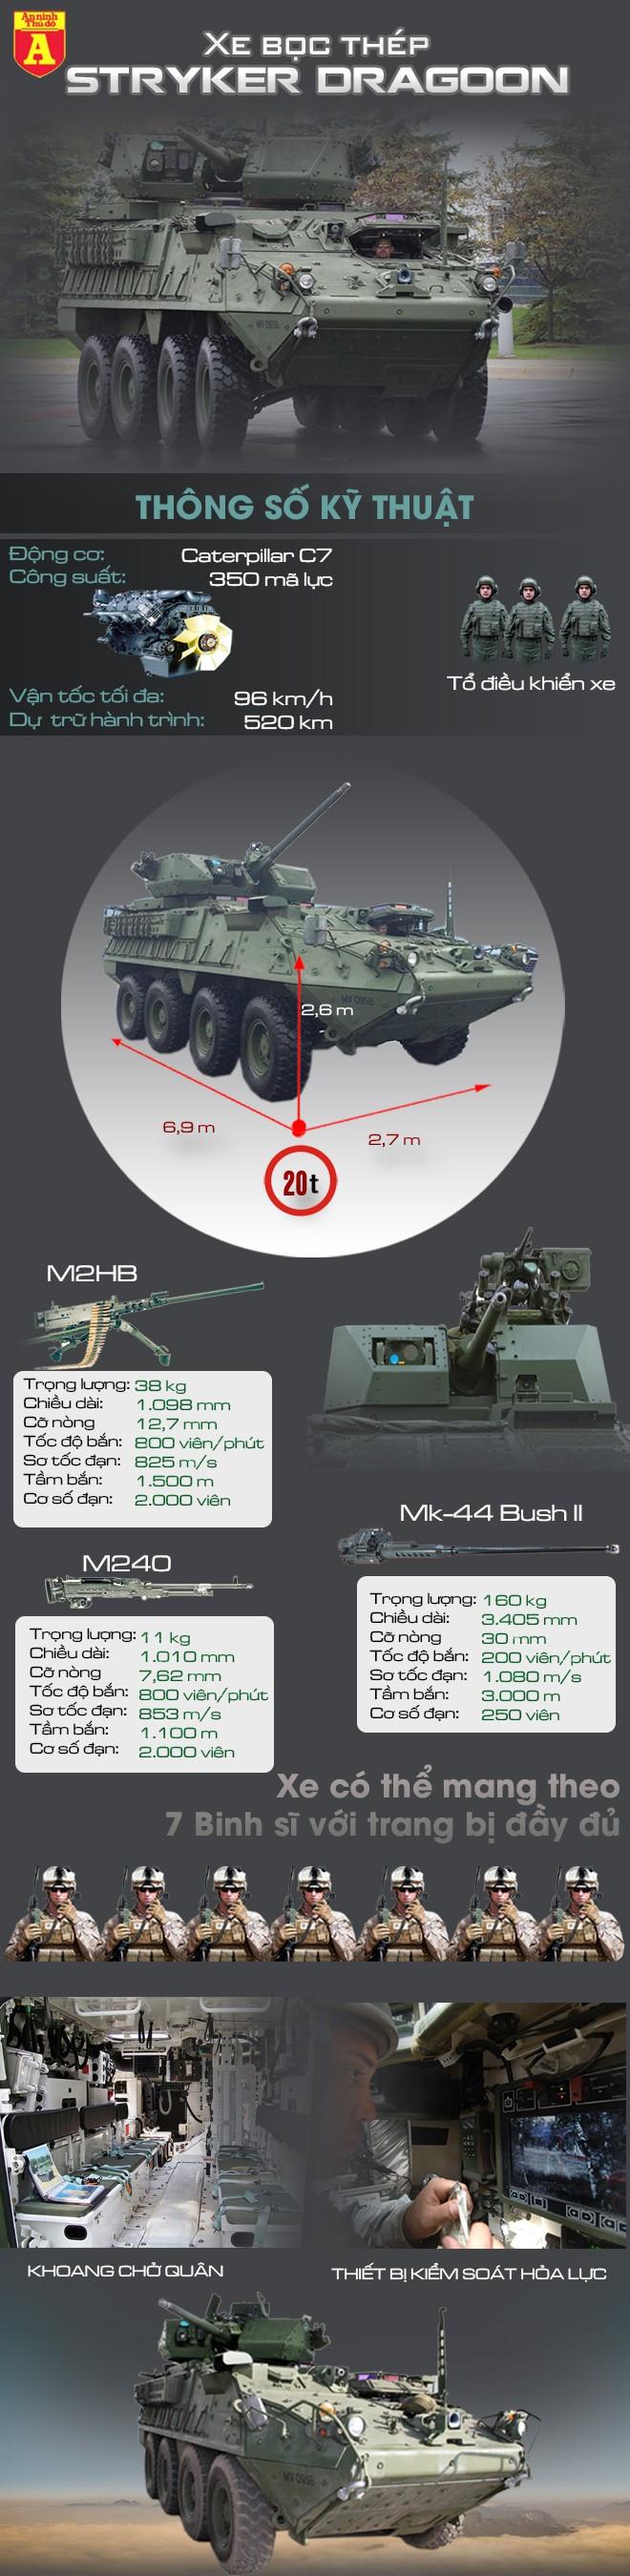 [Infographic] Mỹ học Nga khi triển khai xe bọc thép hiện đại nhất tới chiến trường Syria ảnh 2